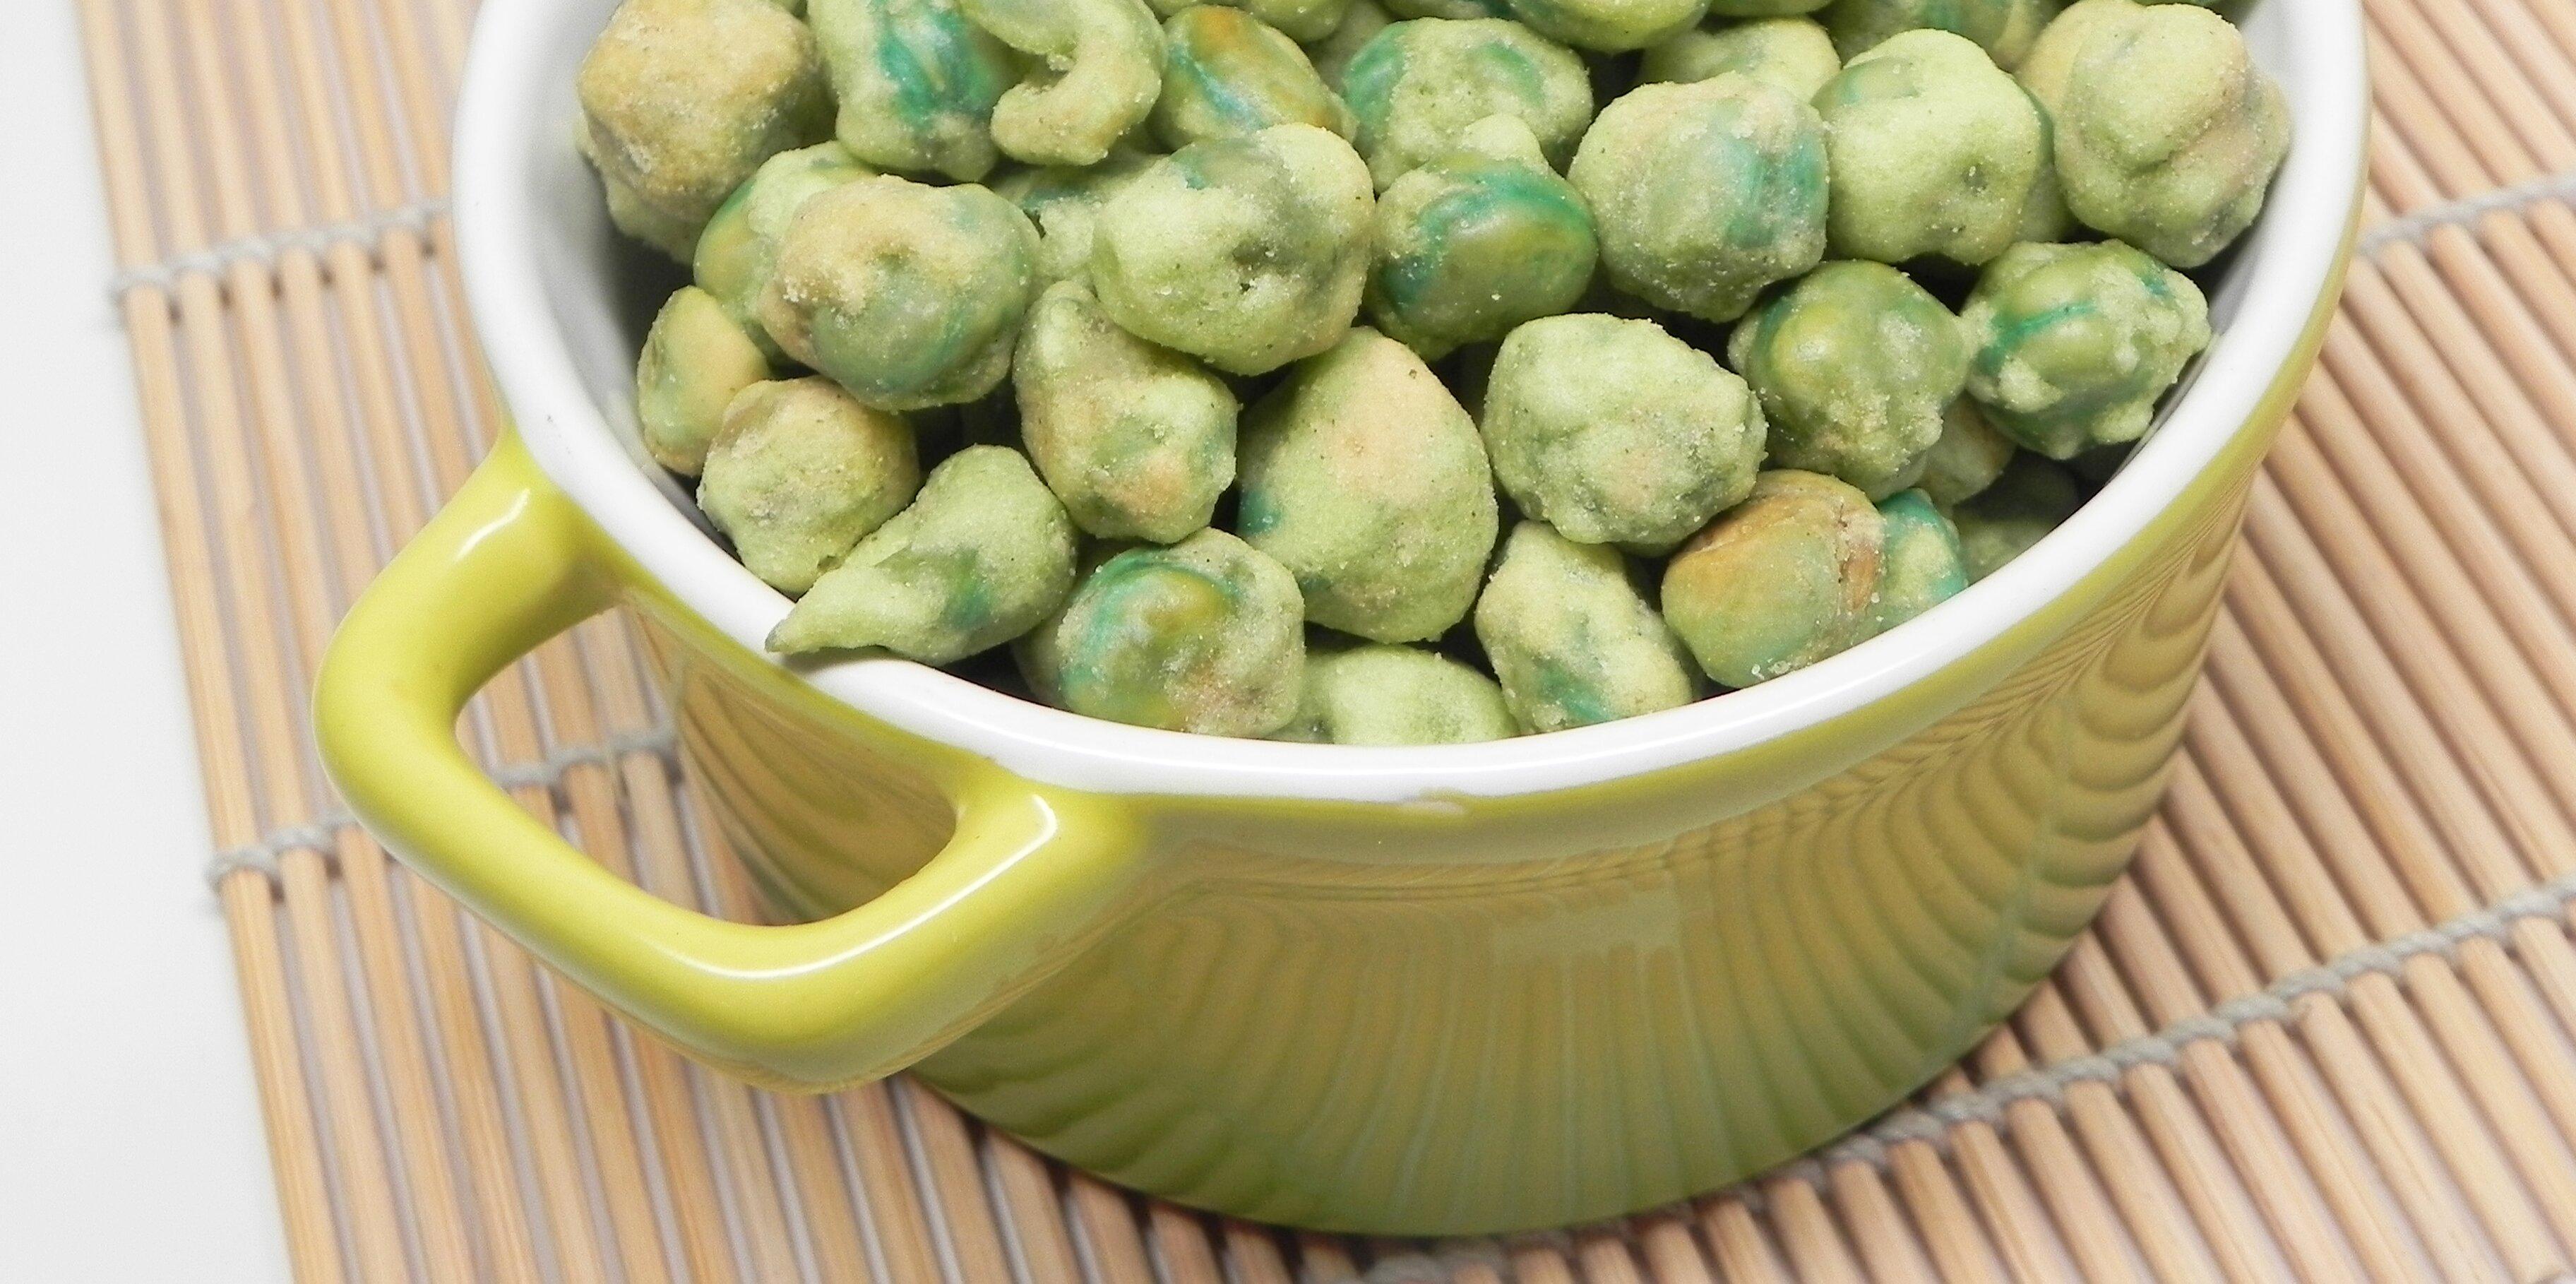 wasabi green peas recipe